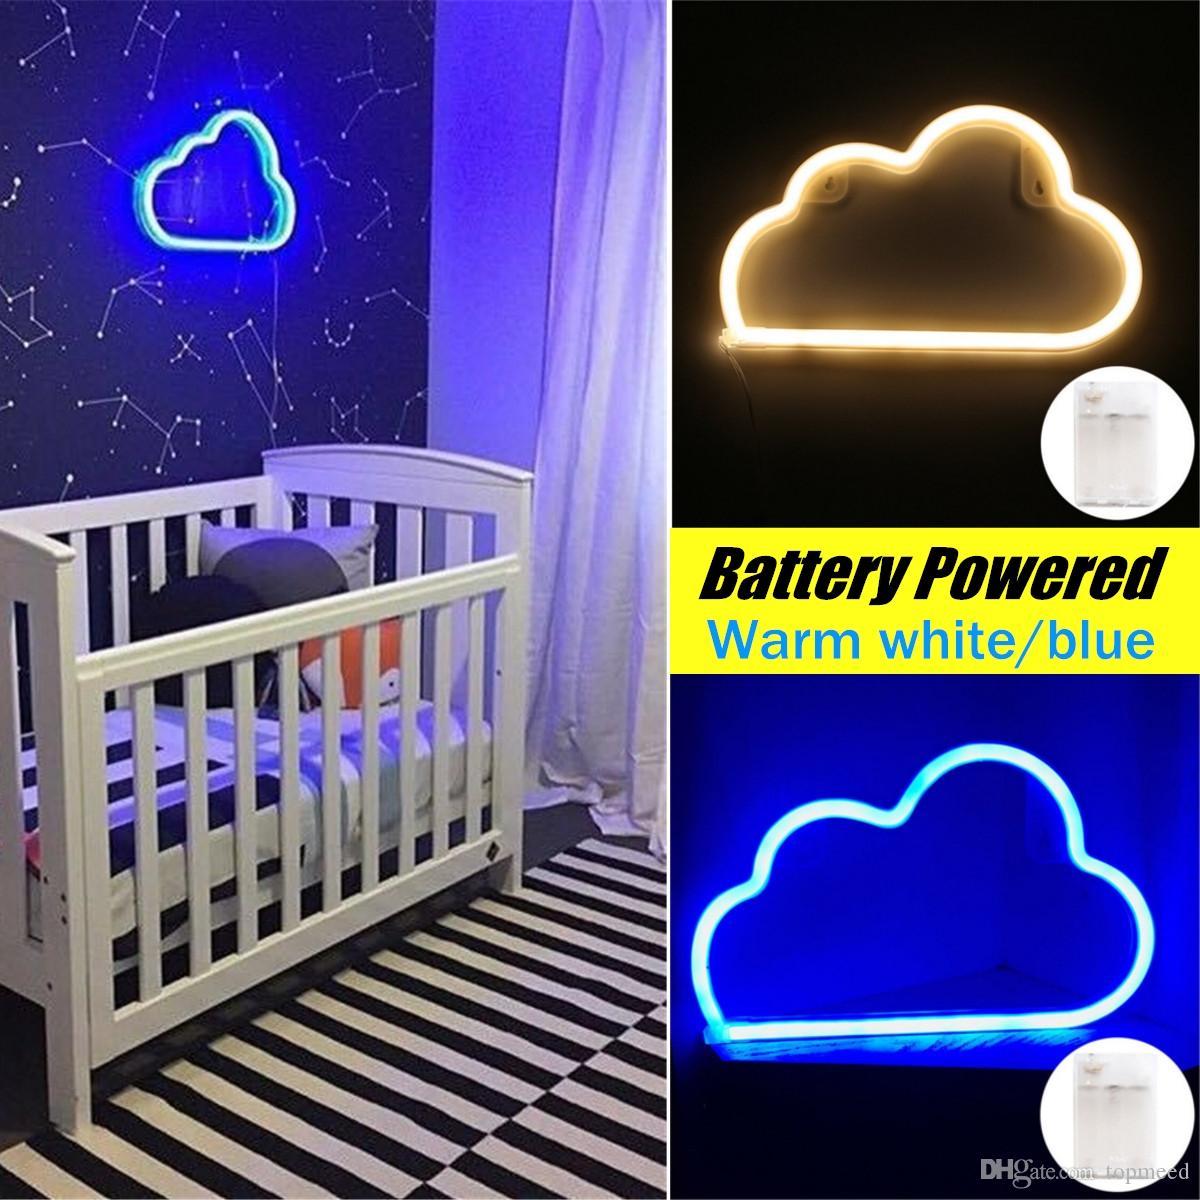 플라스틱 LED 네온 사인 나이트 라이트 클라우드 디자인 벽 램프 침실 바 장식품 크리스마스 파티 장식 휴일 조명 선물